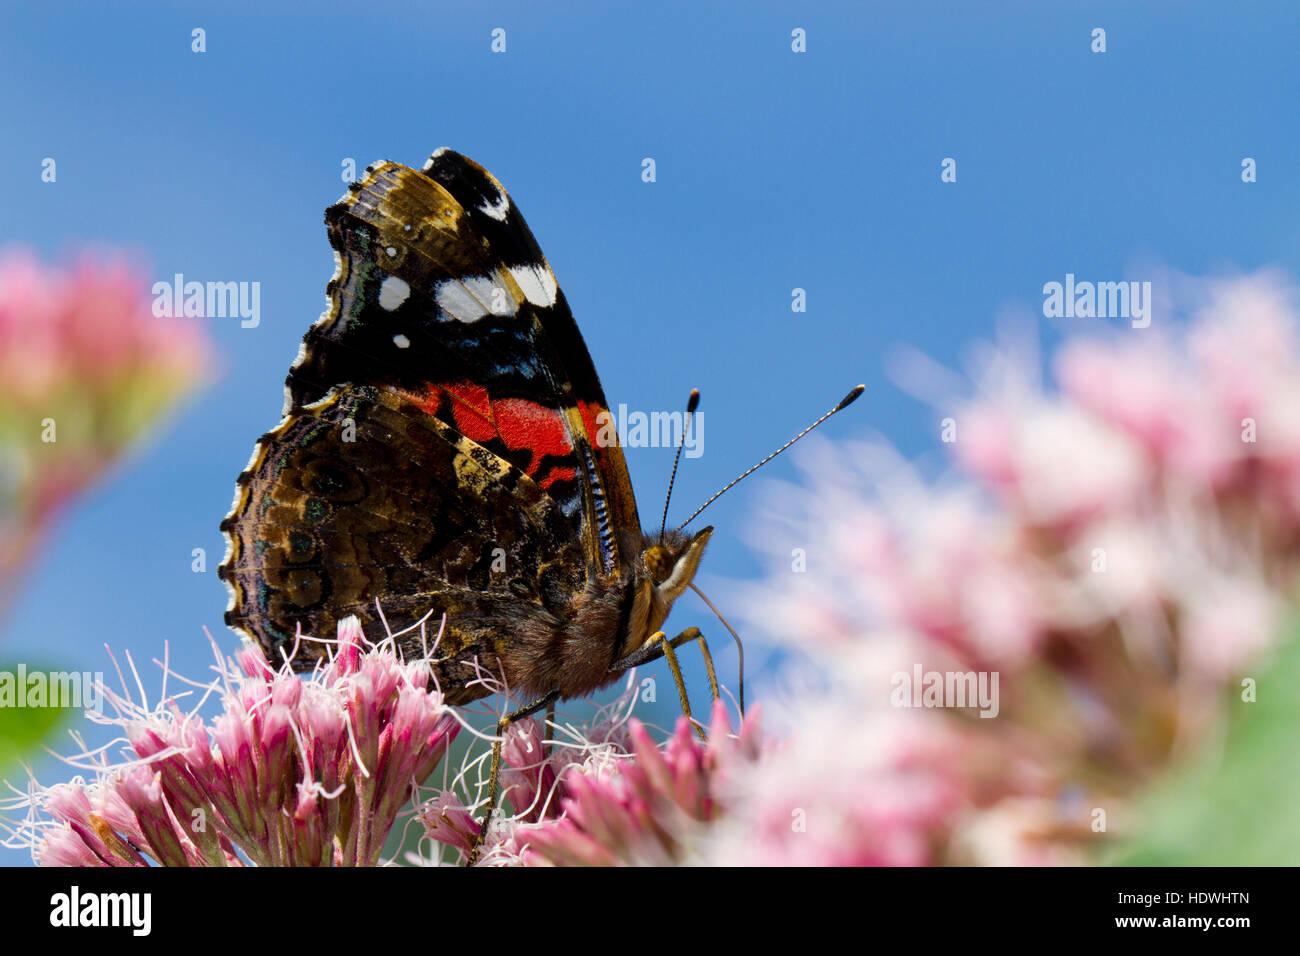 Red Admiral (Vanessa Atalanta) Schmetterling Erwachsenen Fütterung auf Hanf-Agrimony (Eupatorium Cannabinum) Blumen. Stockfoto